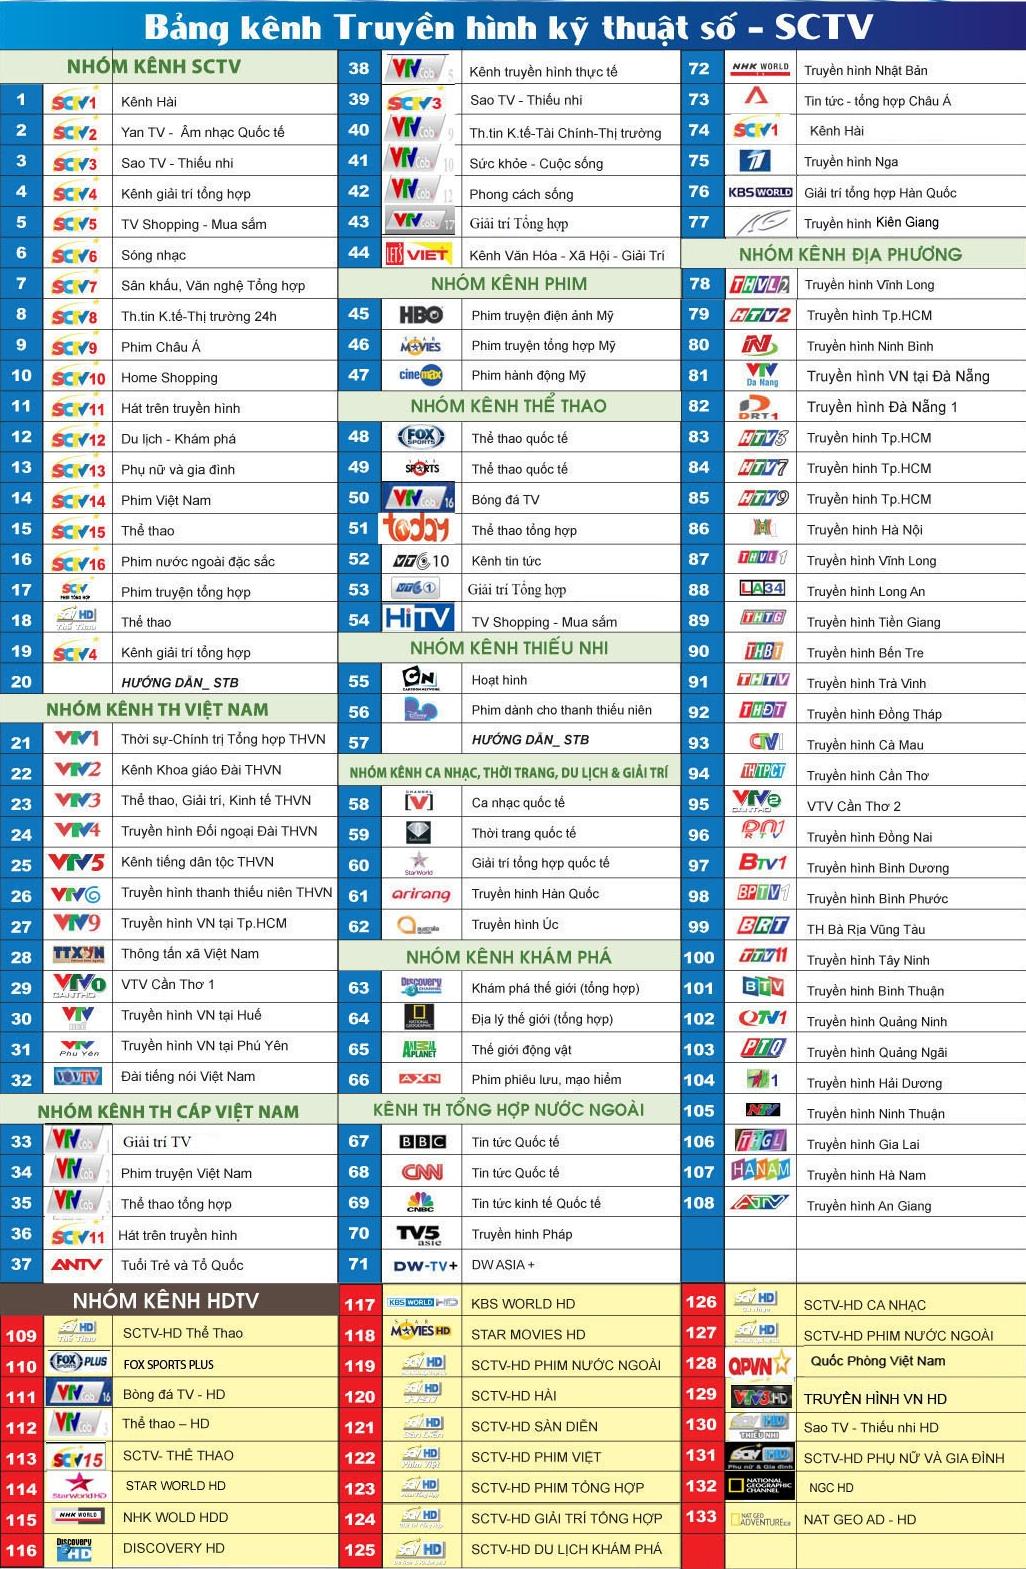 Chi tiết bảng kênh SCTV cập nhật mới nhất 2020